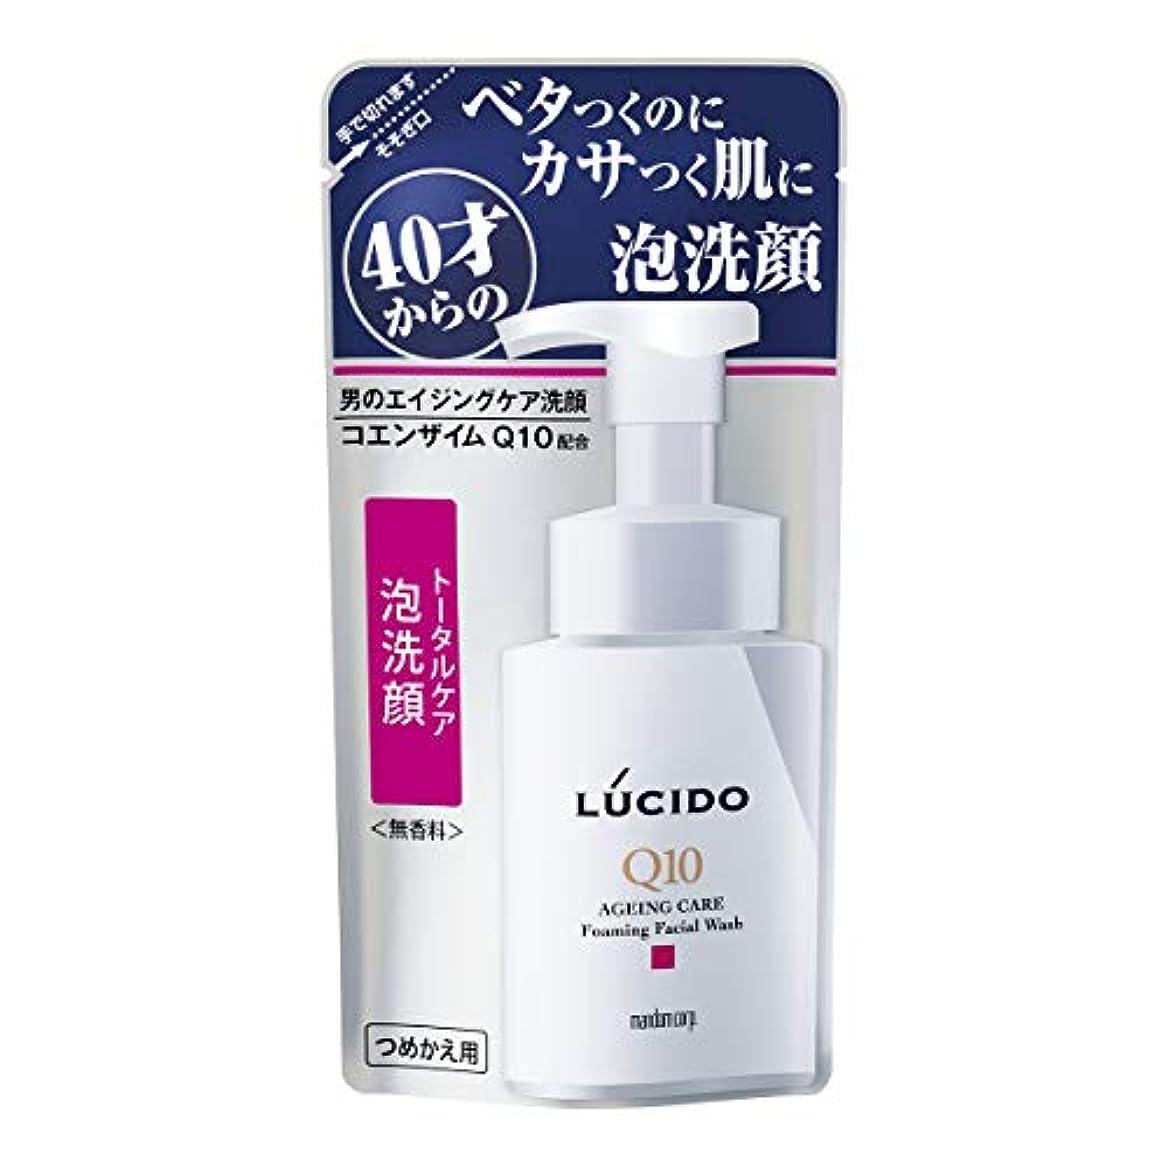 暗唱する生息地マグLUCIDO(ルシード) トータルケア泡洗顔 つめかえ用 Q10 130mL